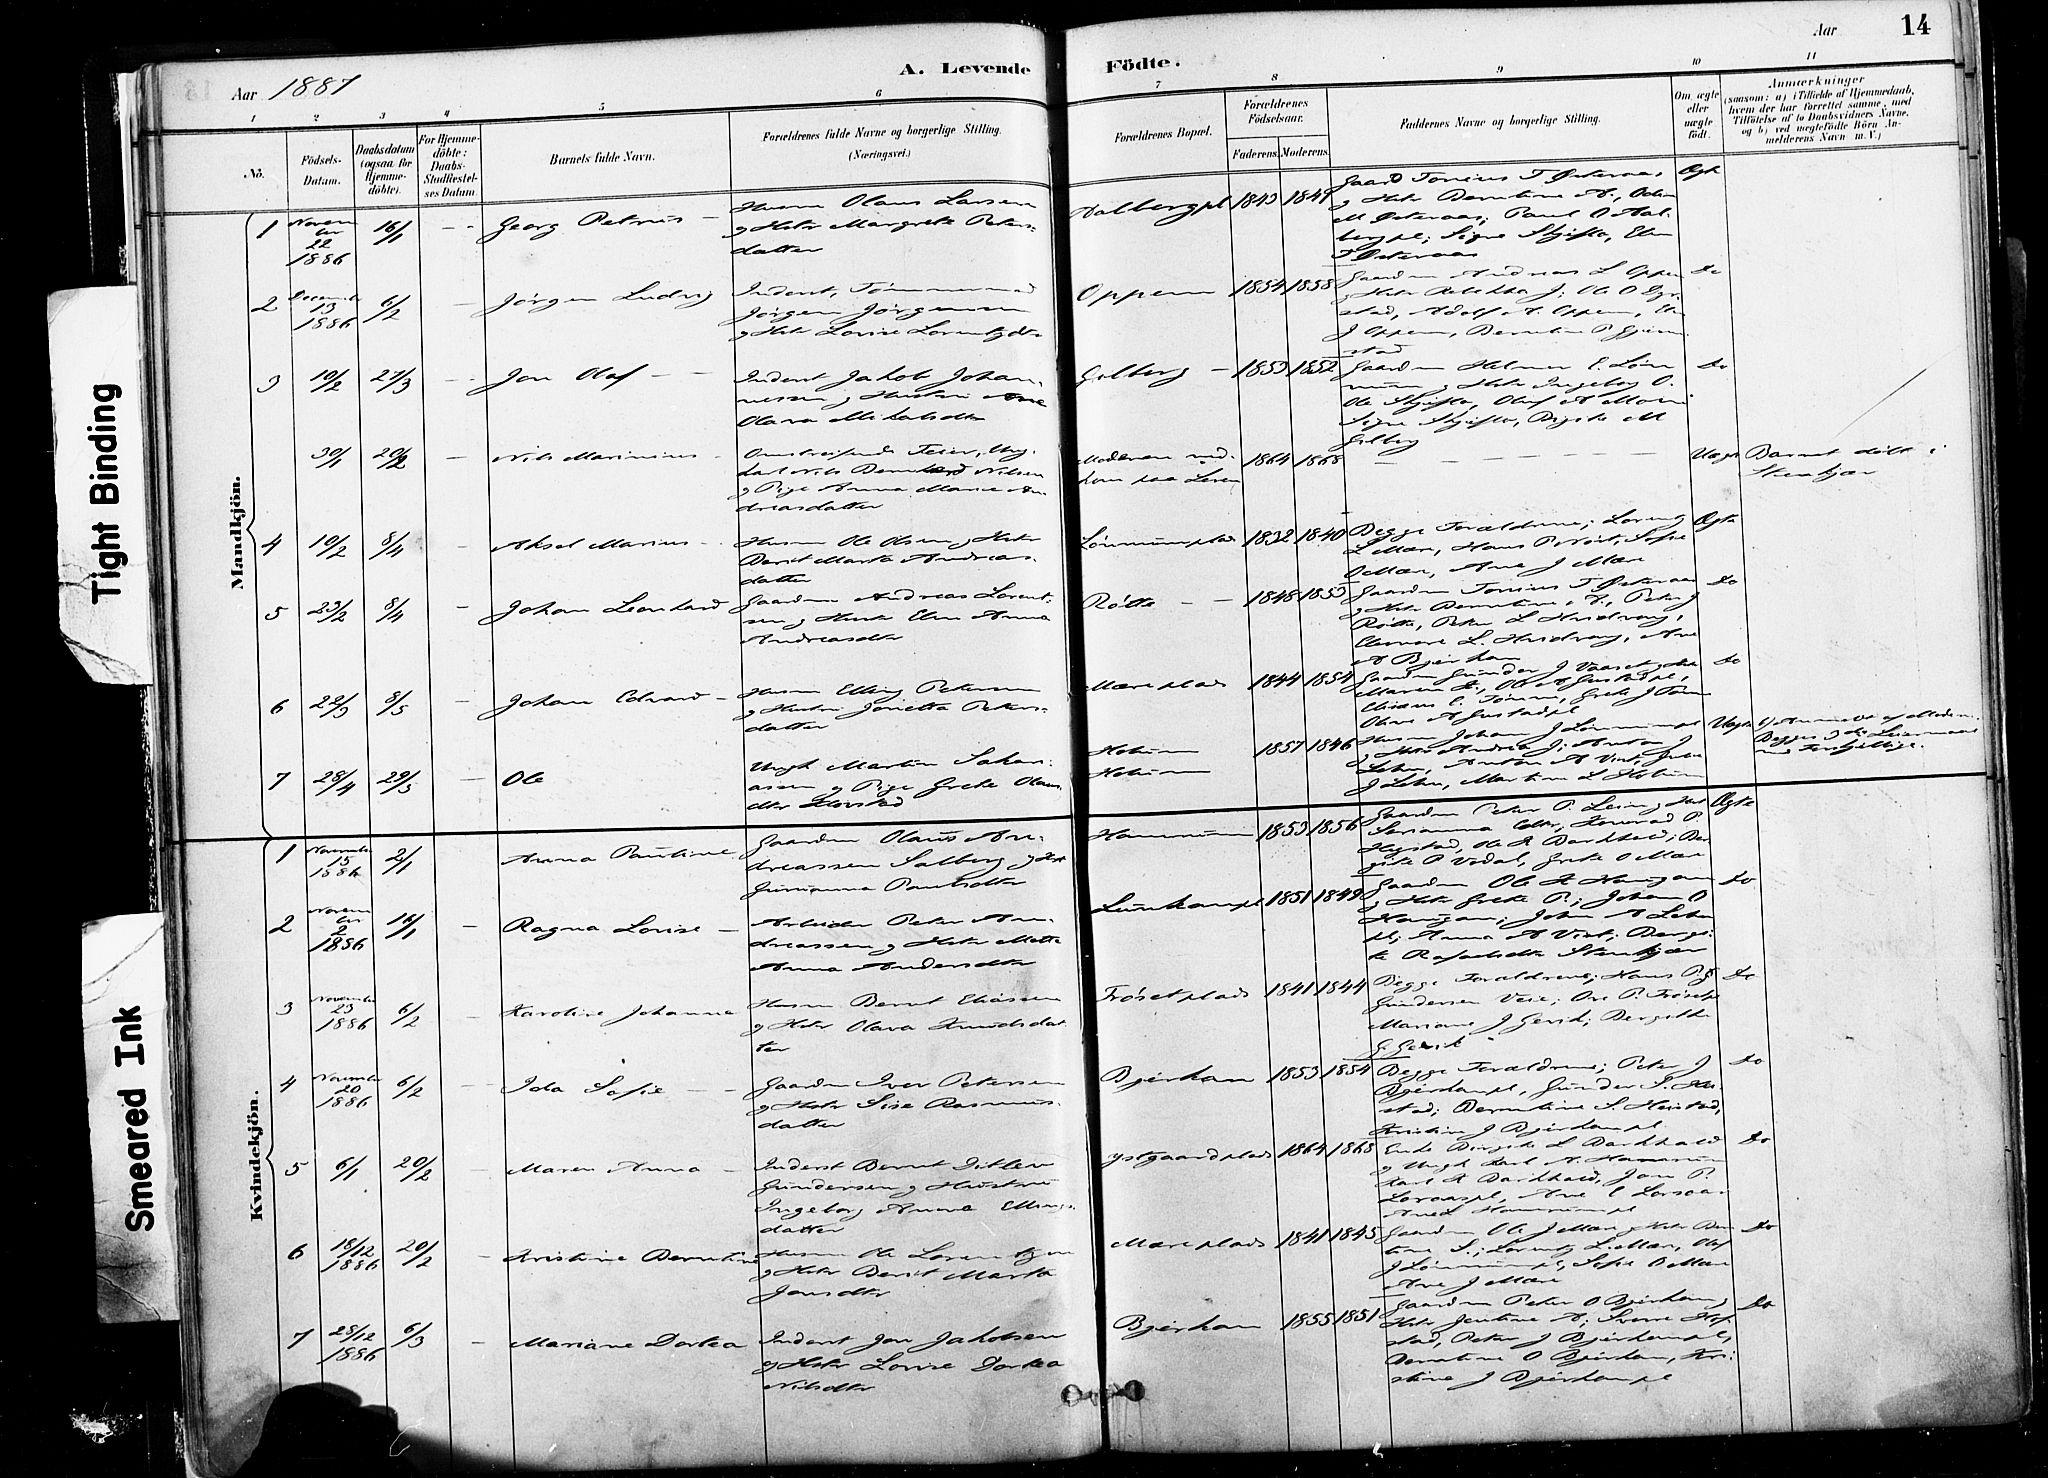 SAT, Ministerialprotokoller, klokkerbøker og fødselsregistre - Nord-Trøndelag, 735/L0351: Ministerialbok nr. 735A10, 1884-1908, s. 14